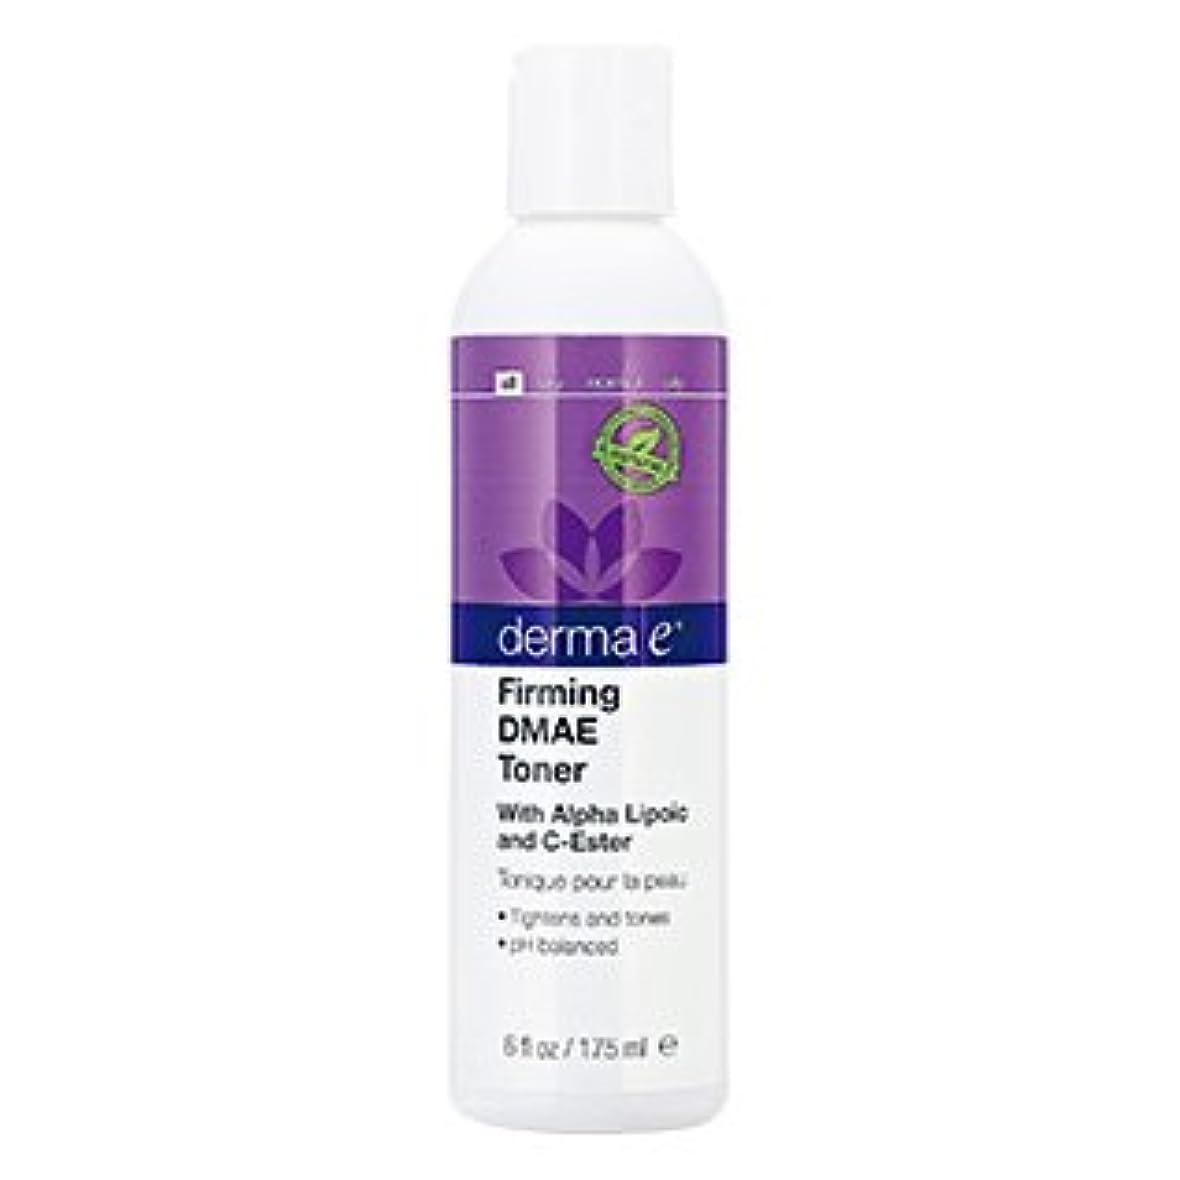 コンペ中央値ラップダーマE(Derma E) DMAE アルファリポ酸 Cエスター ファーミングフェイシャルトナー 175ml [海外直送][並行輸入品]